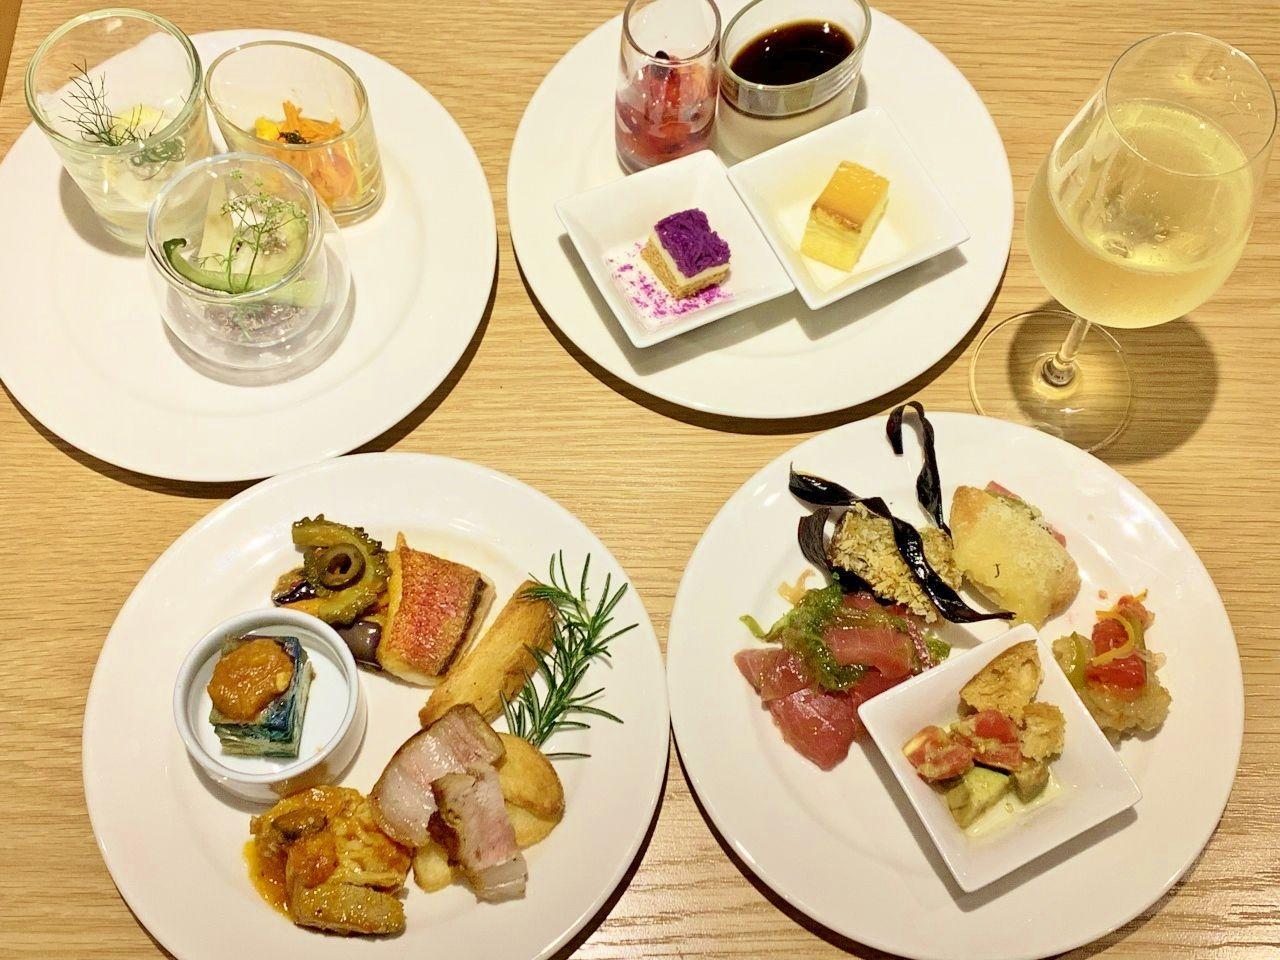 好きなものを好きなだけ。美味しい料理とお酒を自分のリズムで楽しめる